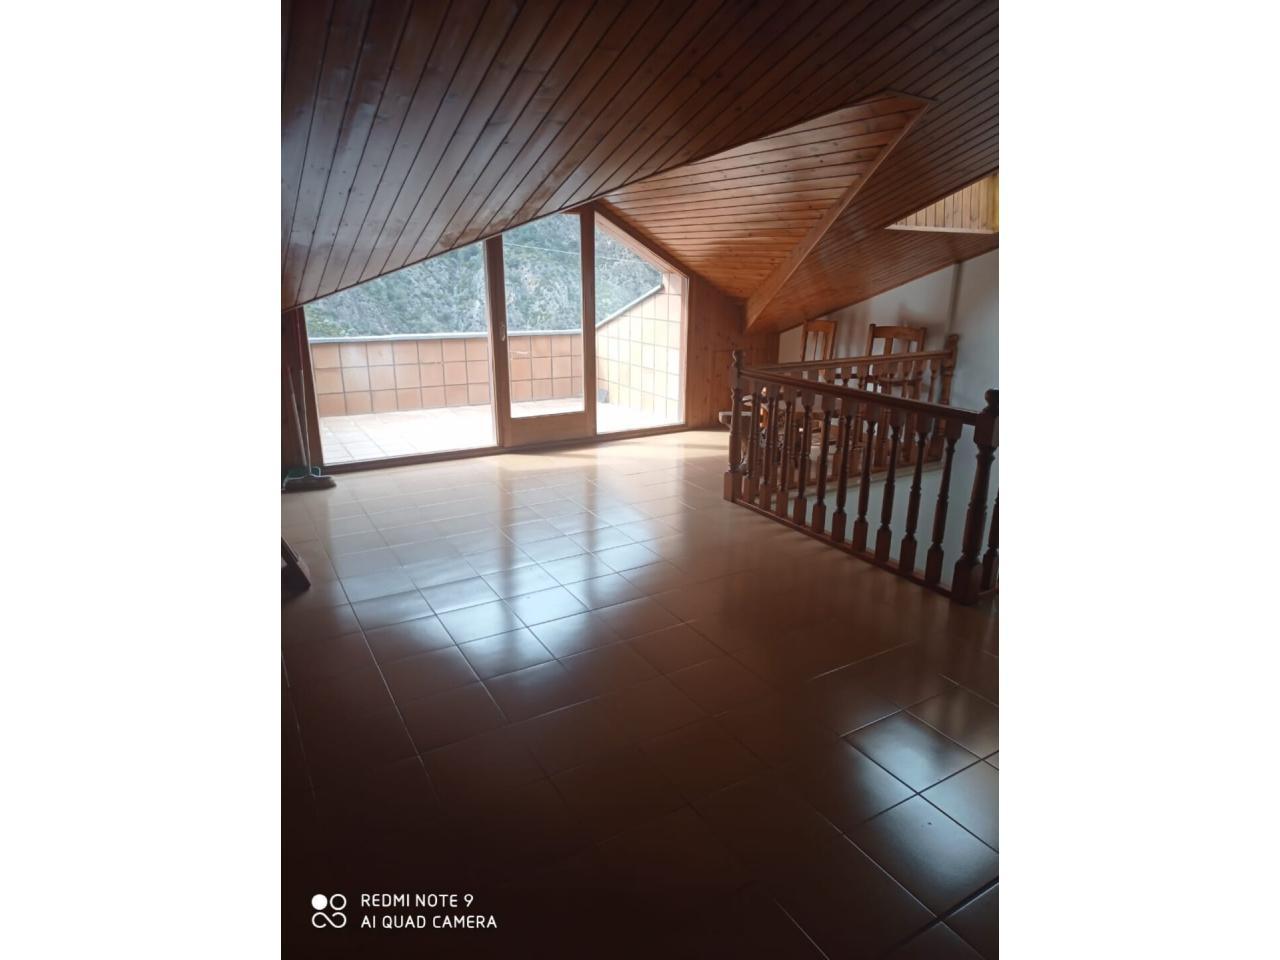 Xalet/Casa Adossada/Borda en lloguer a Sant Julià de Lòria - Immobiliària Cortals - Andorra - Rèf. 0324